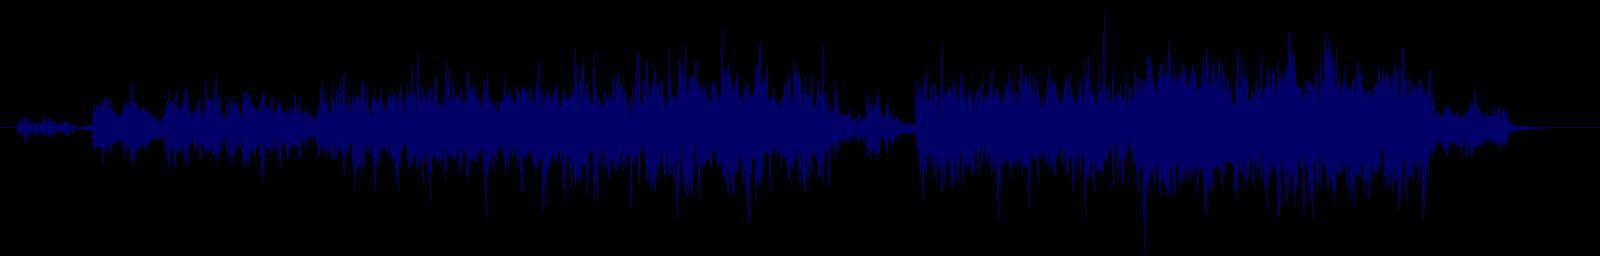 waveform of track #131581